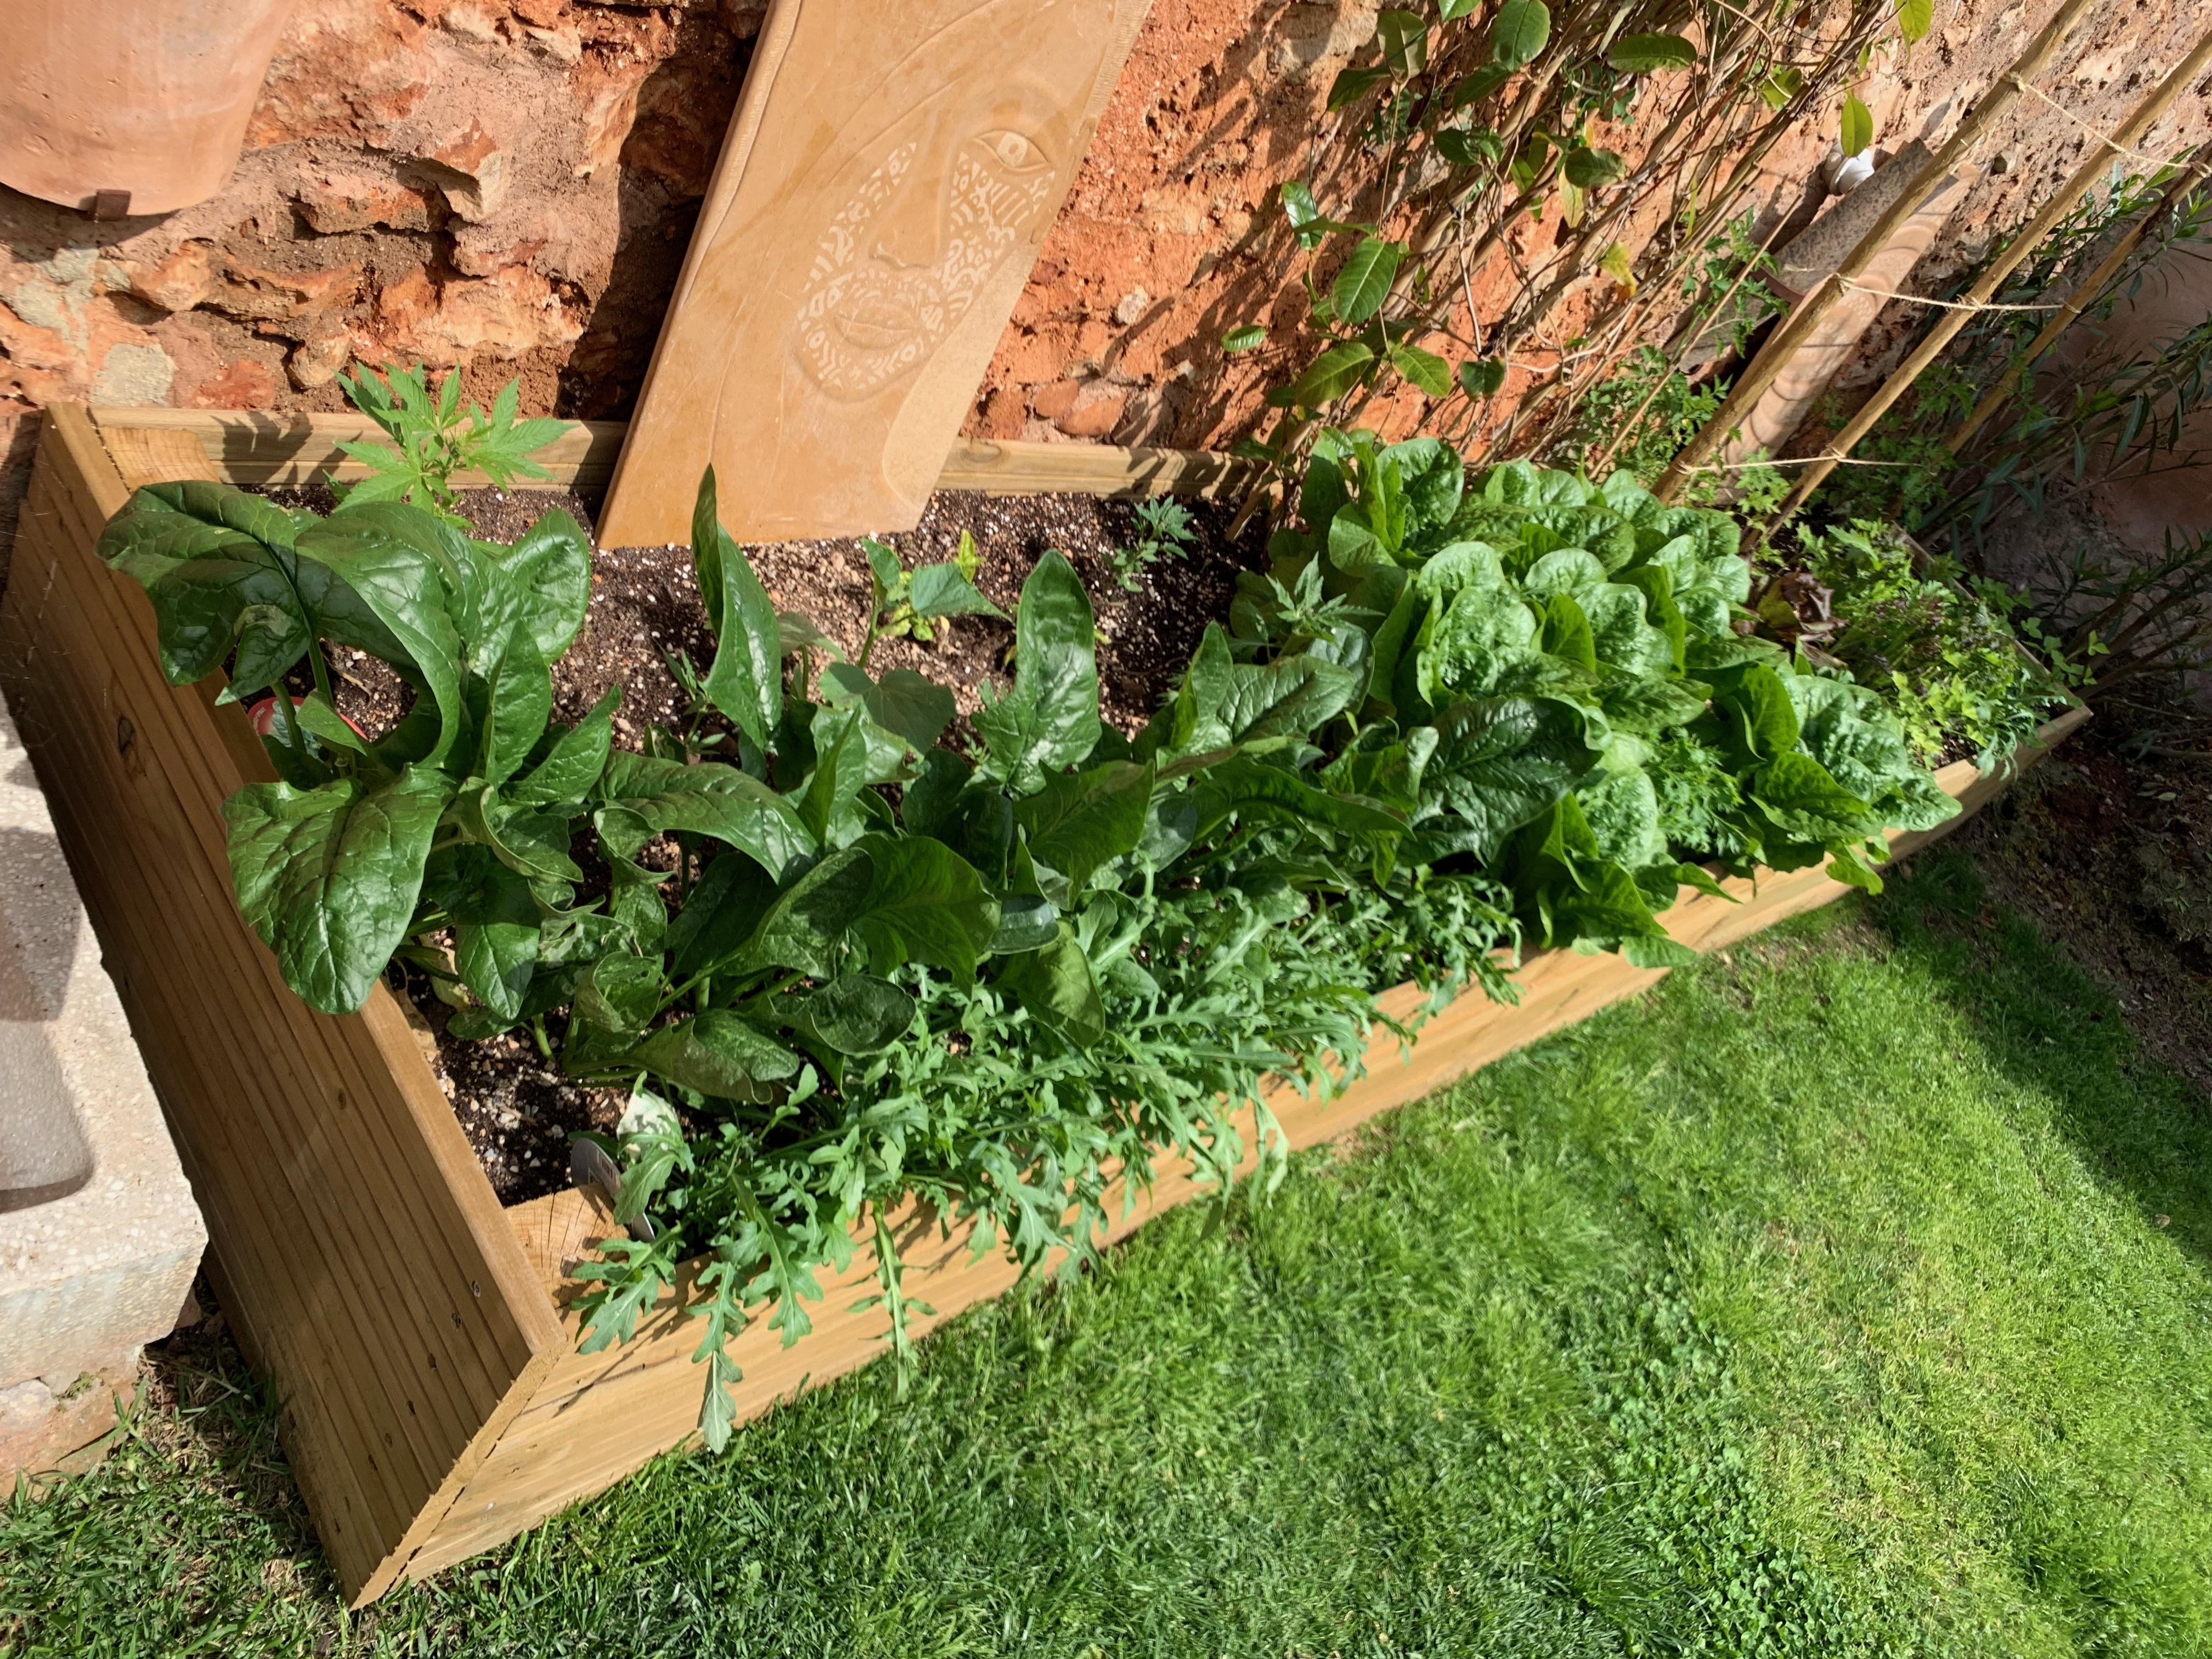 Grow it yourself 3 IMG 1134